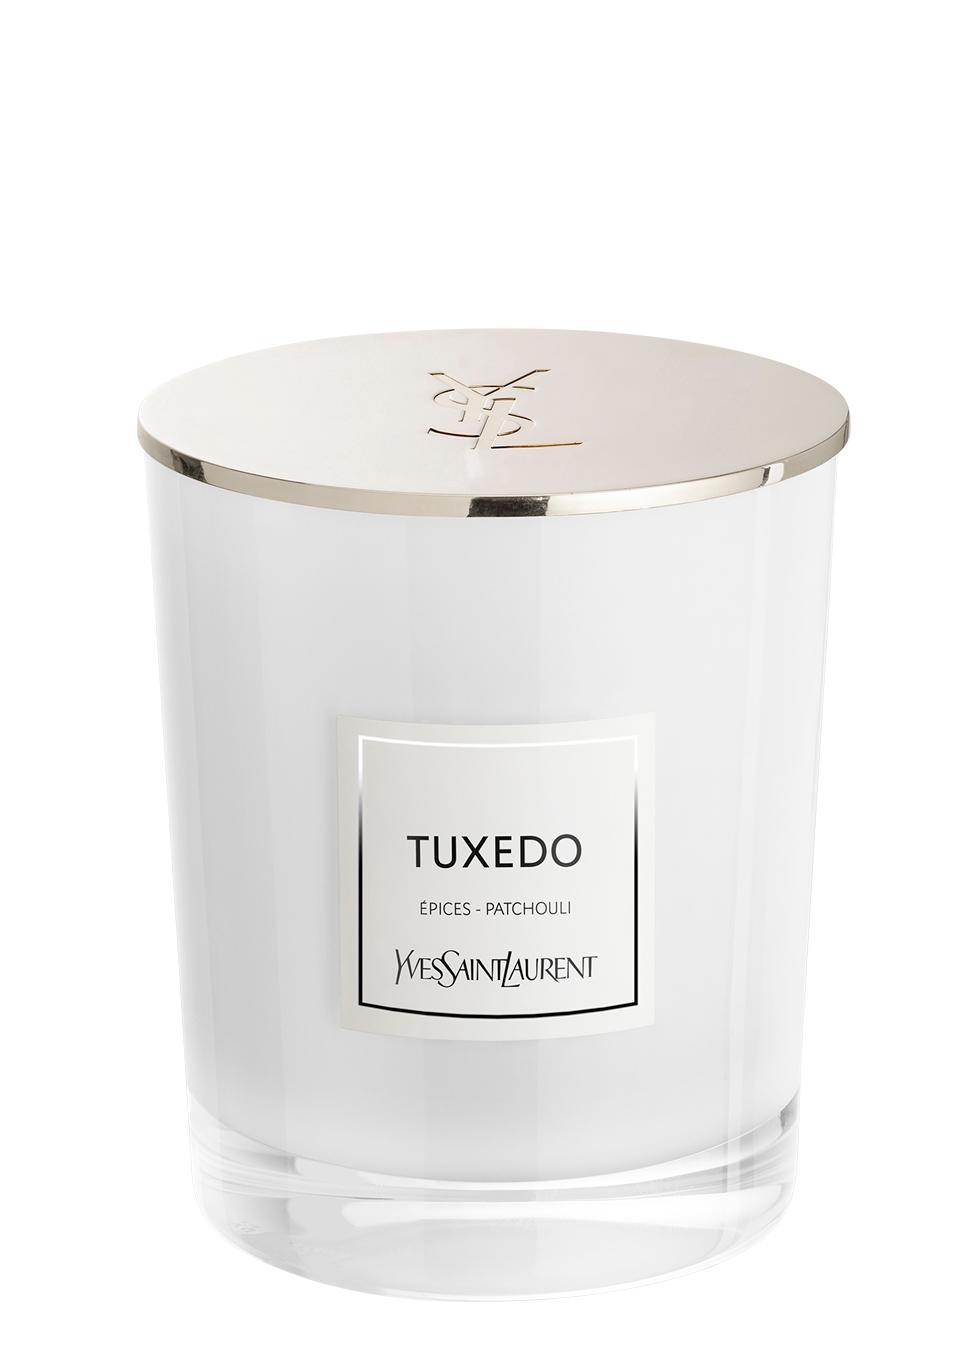 LE VESTIAIRE DES PARFUMS - Tuxedo Candle - Yves Saint Laurent